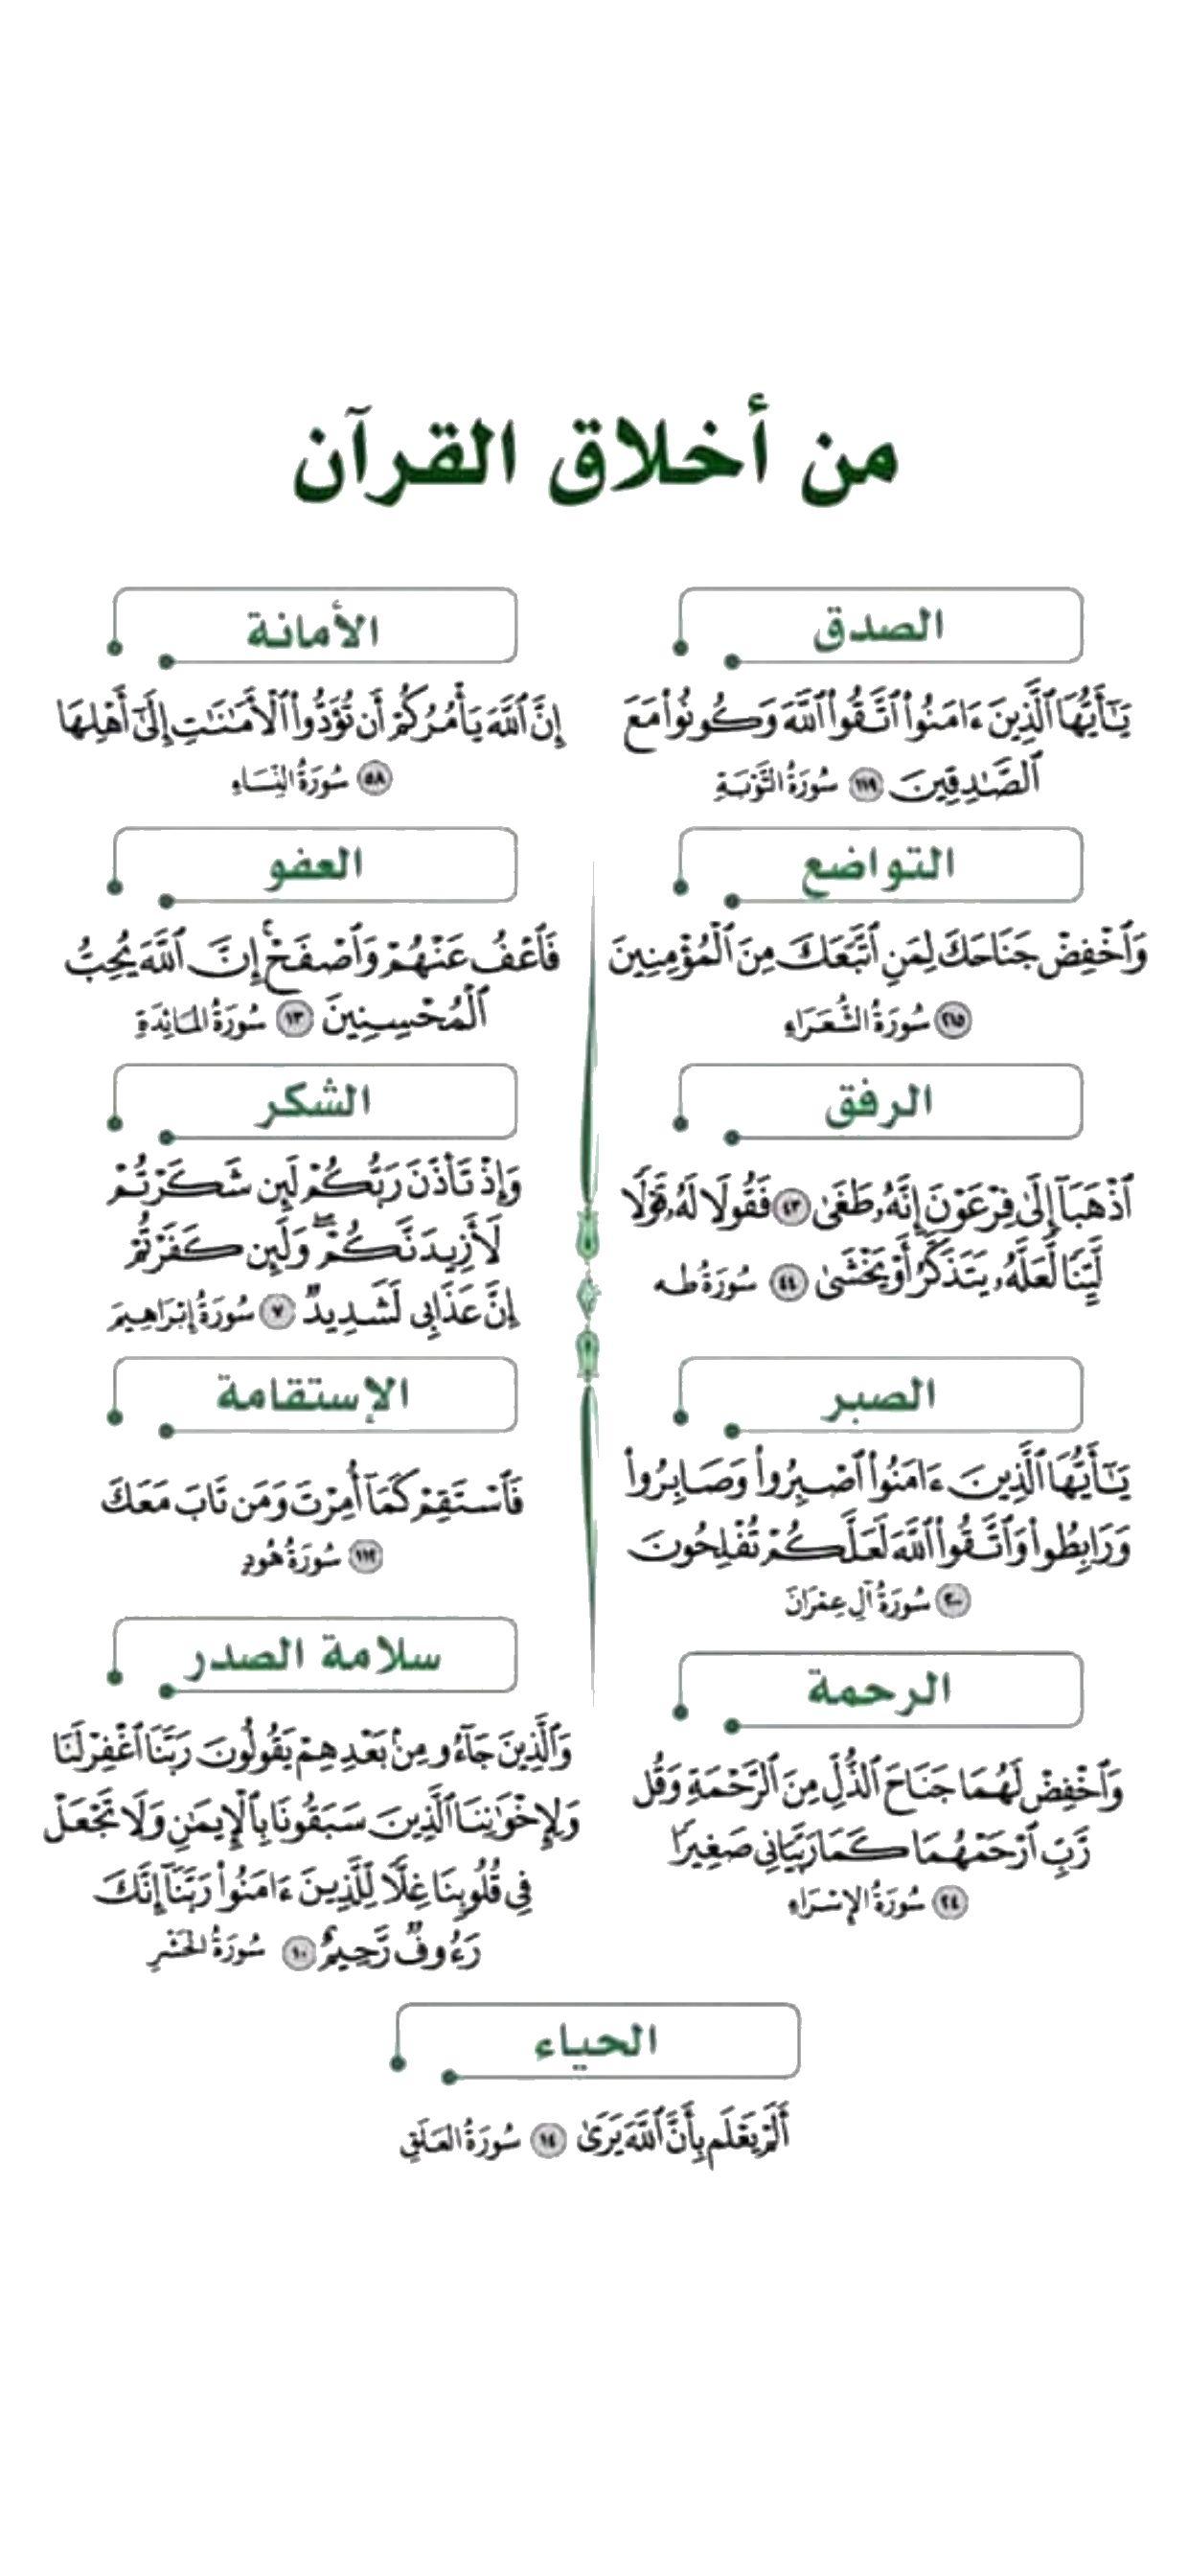 السعوديه الخليج رمضان الشرق الأوسط سناب كويت فايروس كورونا تصميم شعار لوقو دعاء Math Bullet Journal Journal